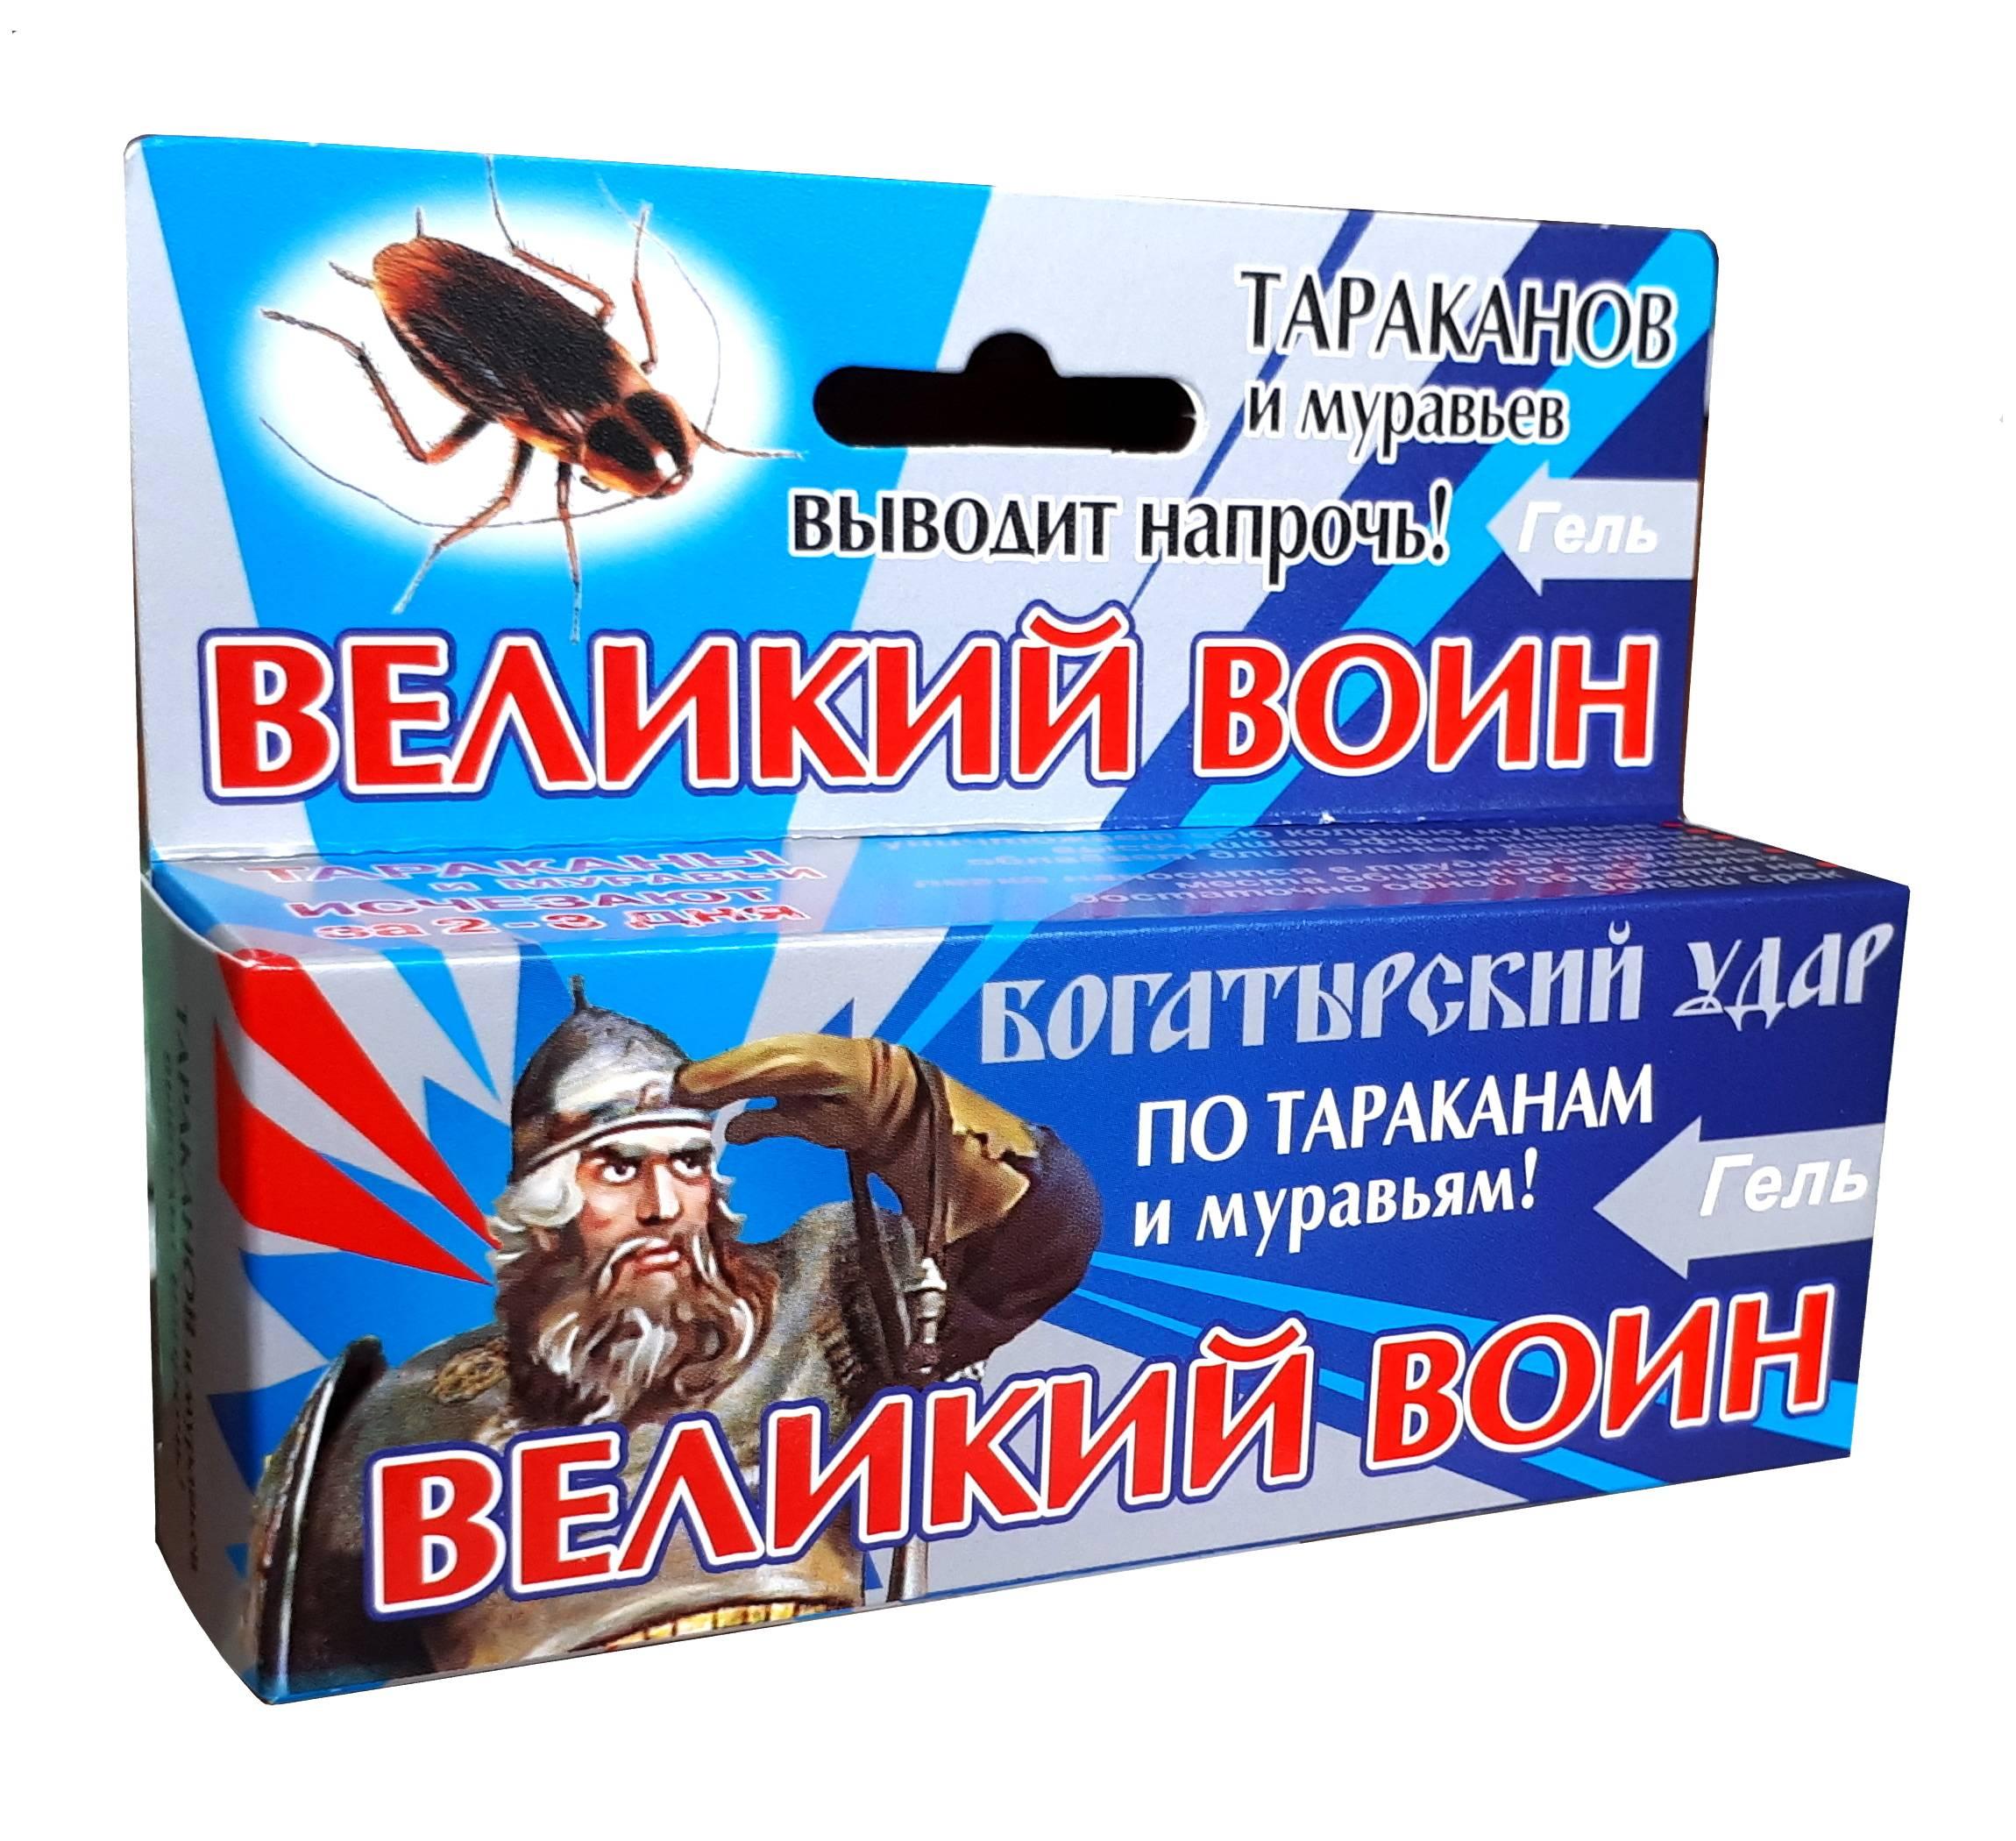 Великий воин – гель от тараканов – применение в квартирах